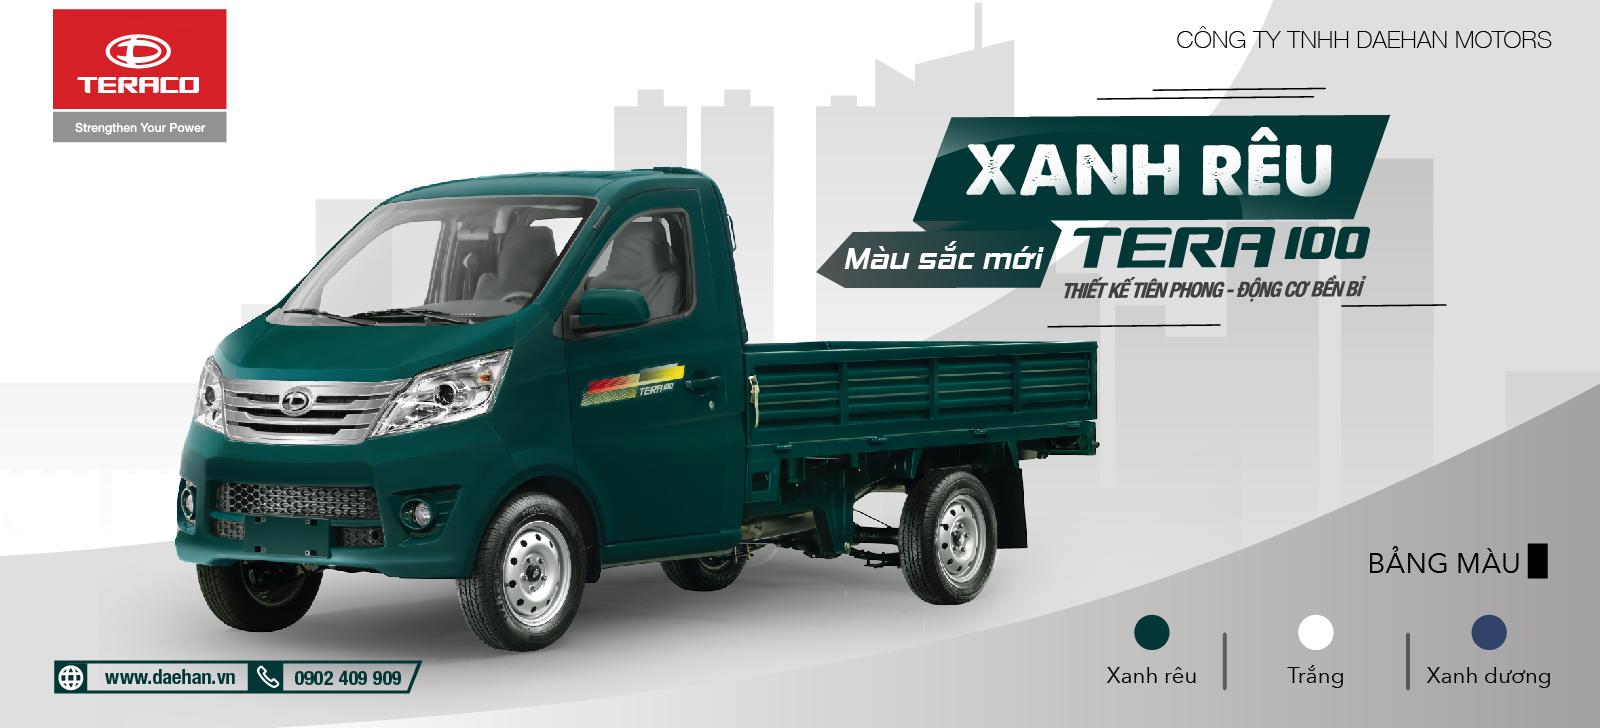 tera-100-990kg Tera 100 990kg Vua của dòng xe tải dưới 1 tấn